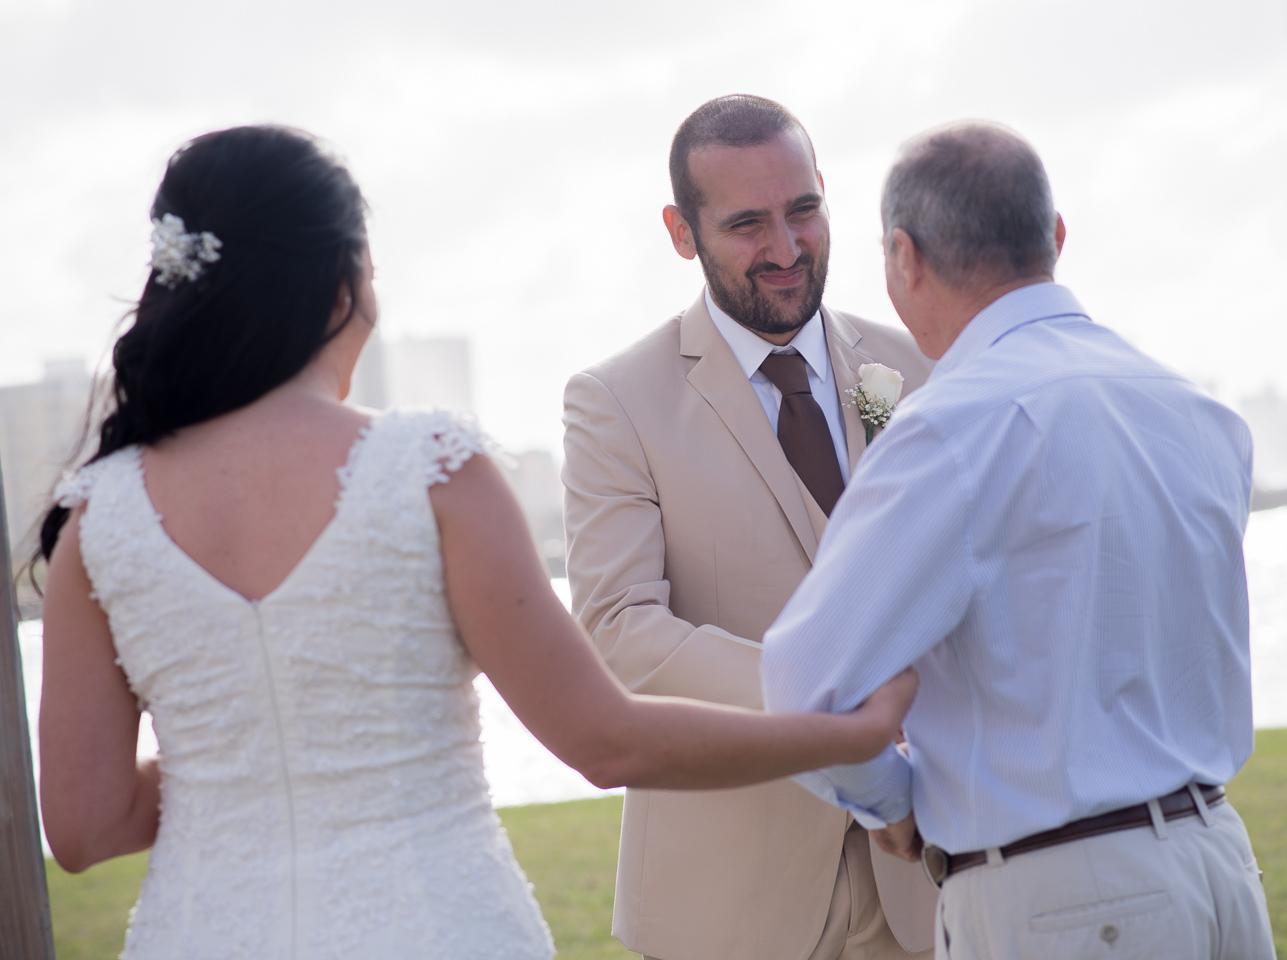 bodas-estilo-libre-sin-tema-cuba-12011.jpg